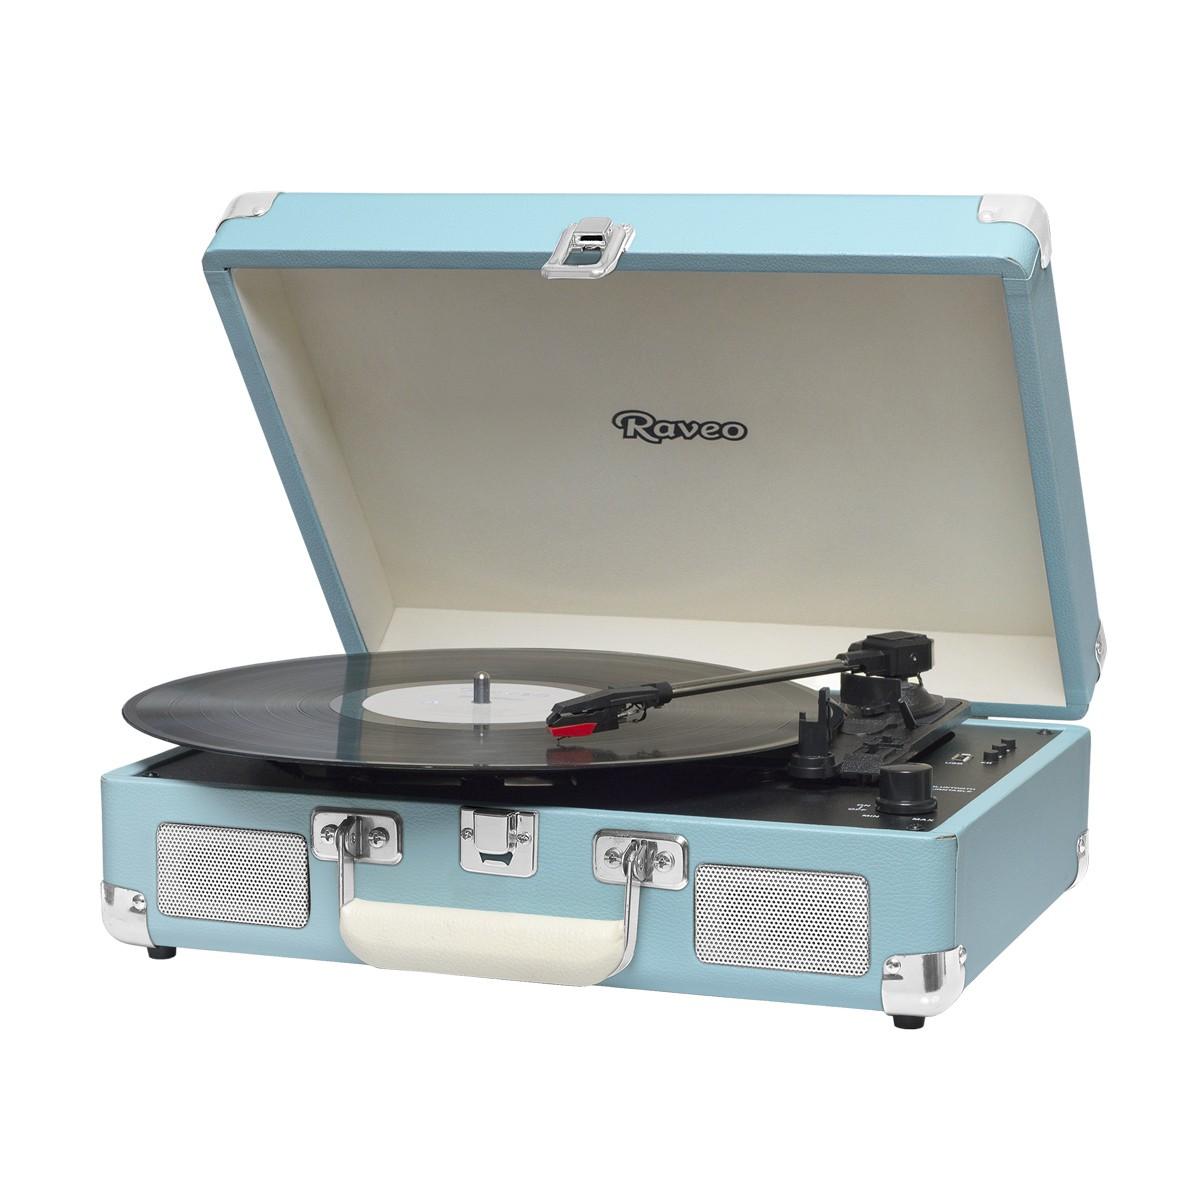 Vitrola Retrô Raveo Sonetto Chrome Light Blue, Toca Discos, Entrada USB, Bluetooth, Reproduz e Grava Vinil